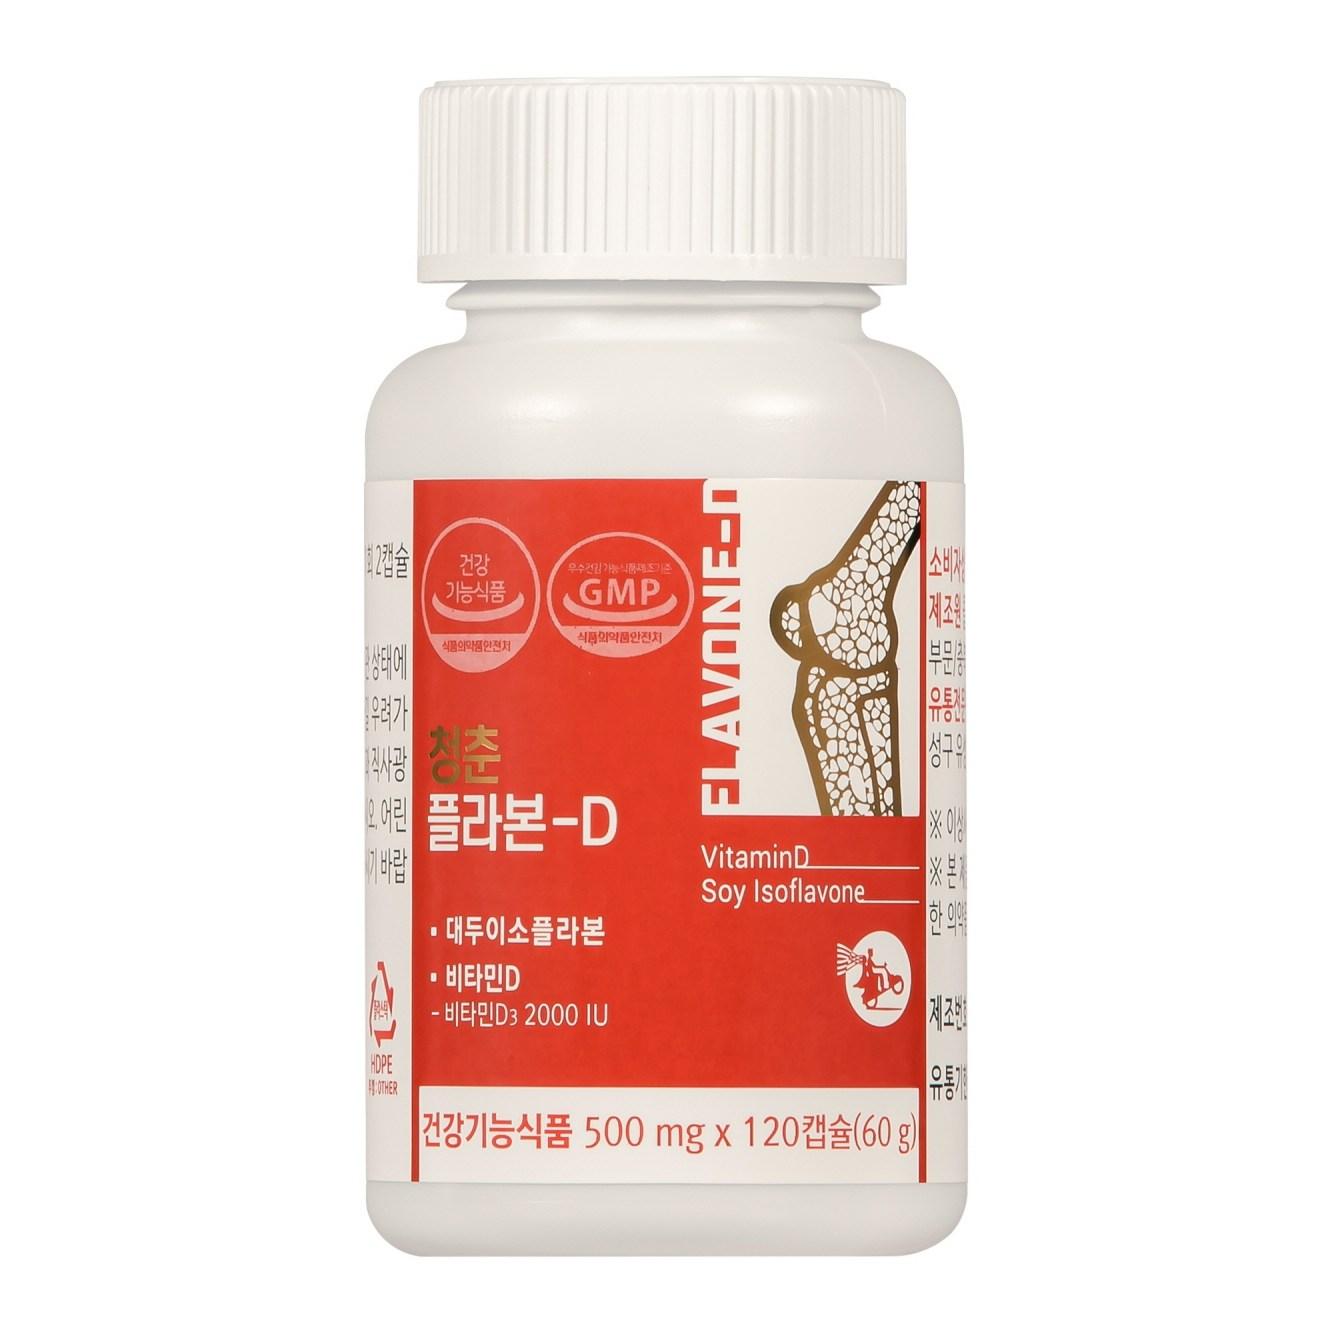 청춘플라본 남녀갱년기 불면 뼈관절건강 피부주름개선 비타민D